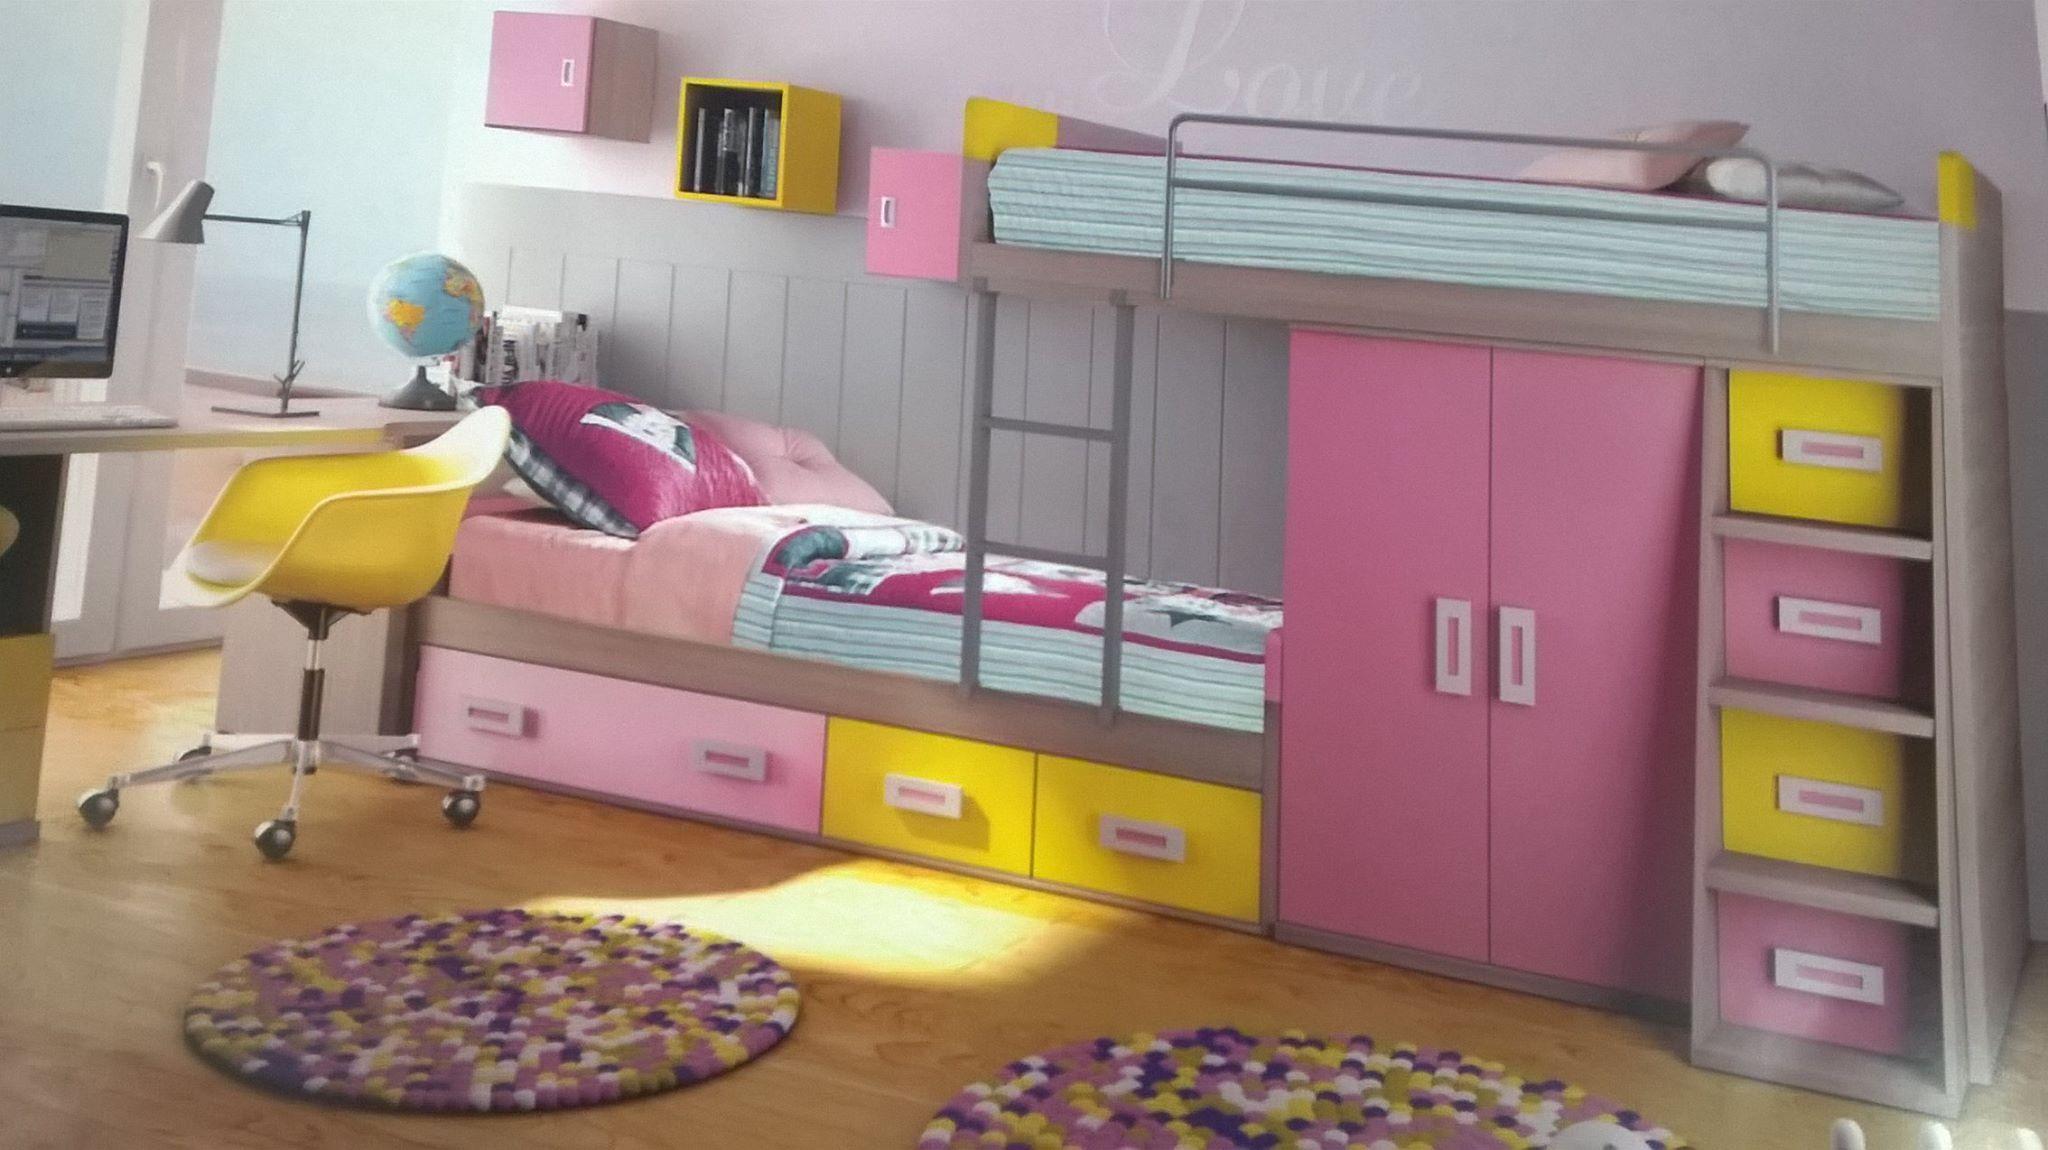 Mueble junvenil  en Callosa de Segura, Alicante